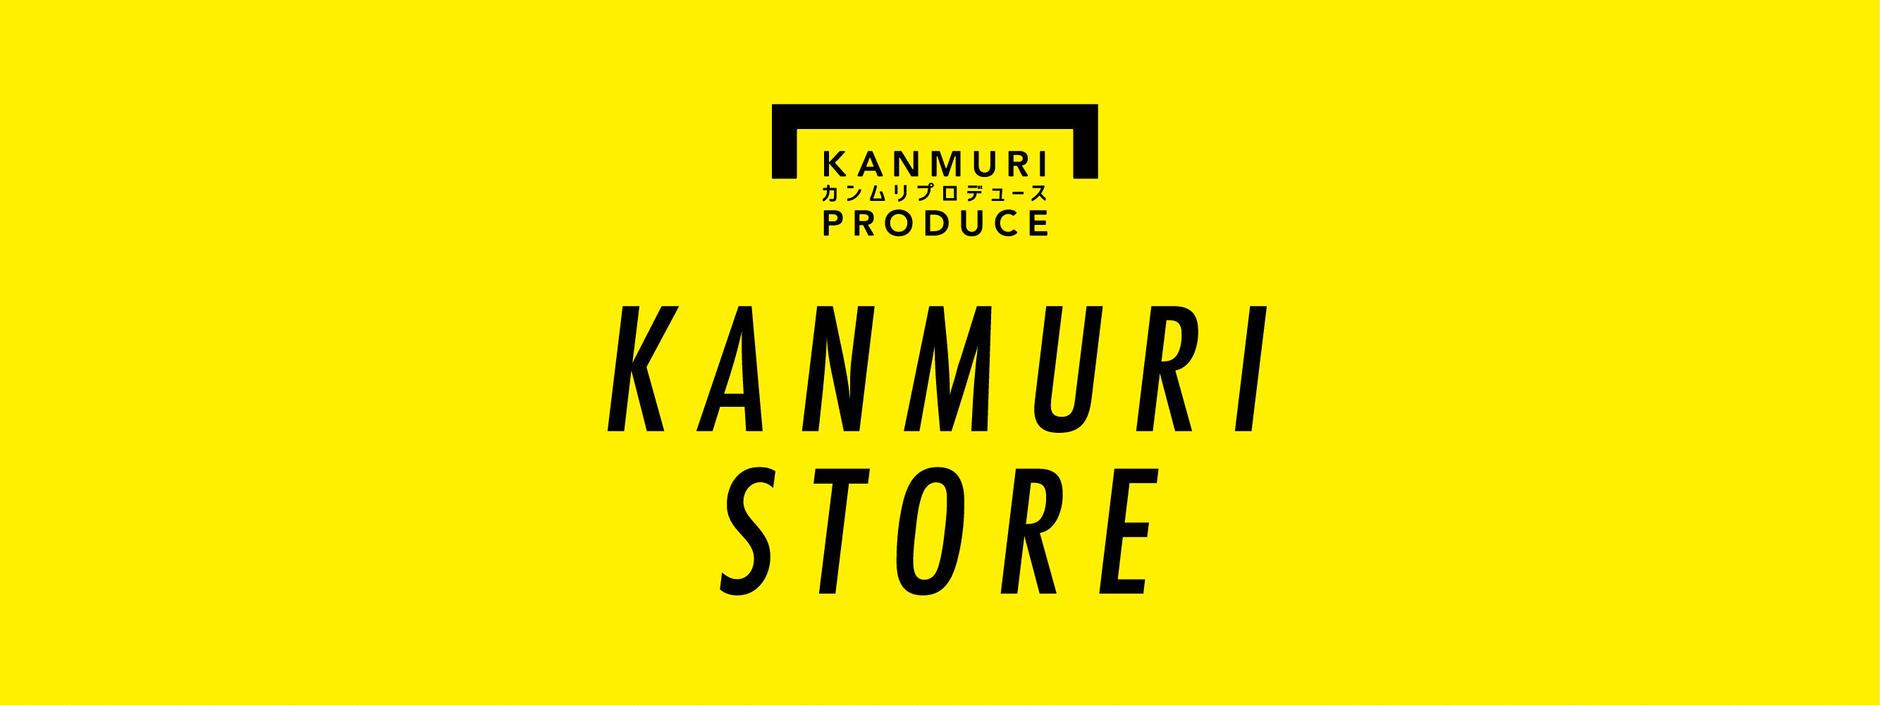 KANMURI  STORE